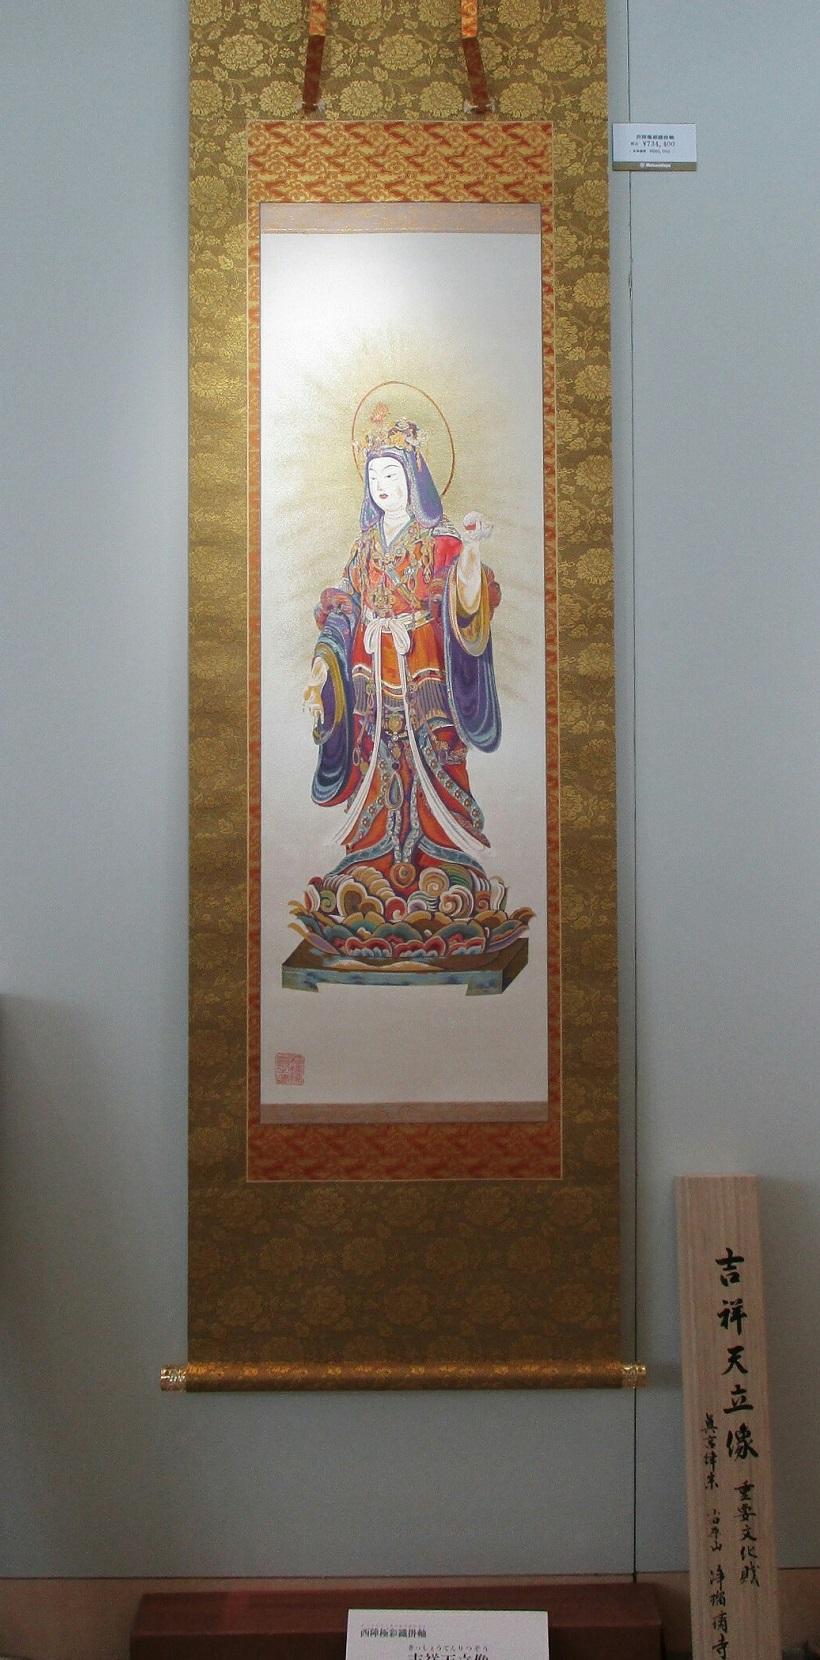 2018.6.27 (25) 西陣博覧会 - 吉祥天立像 820-1660